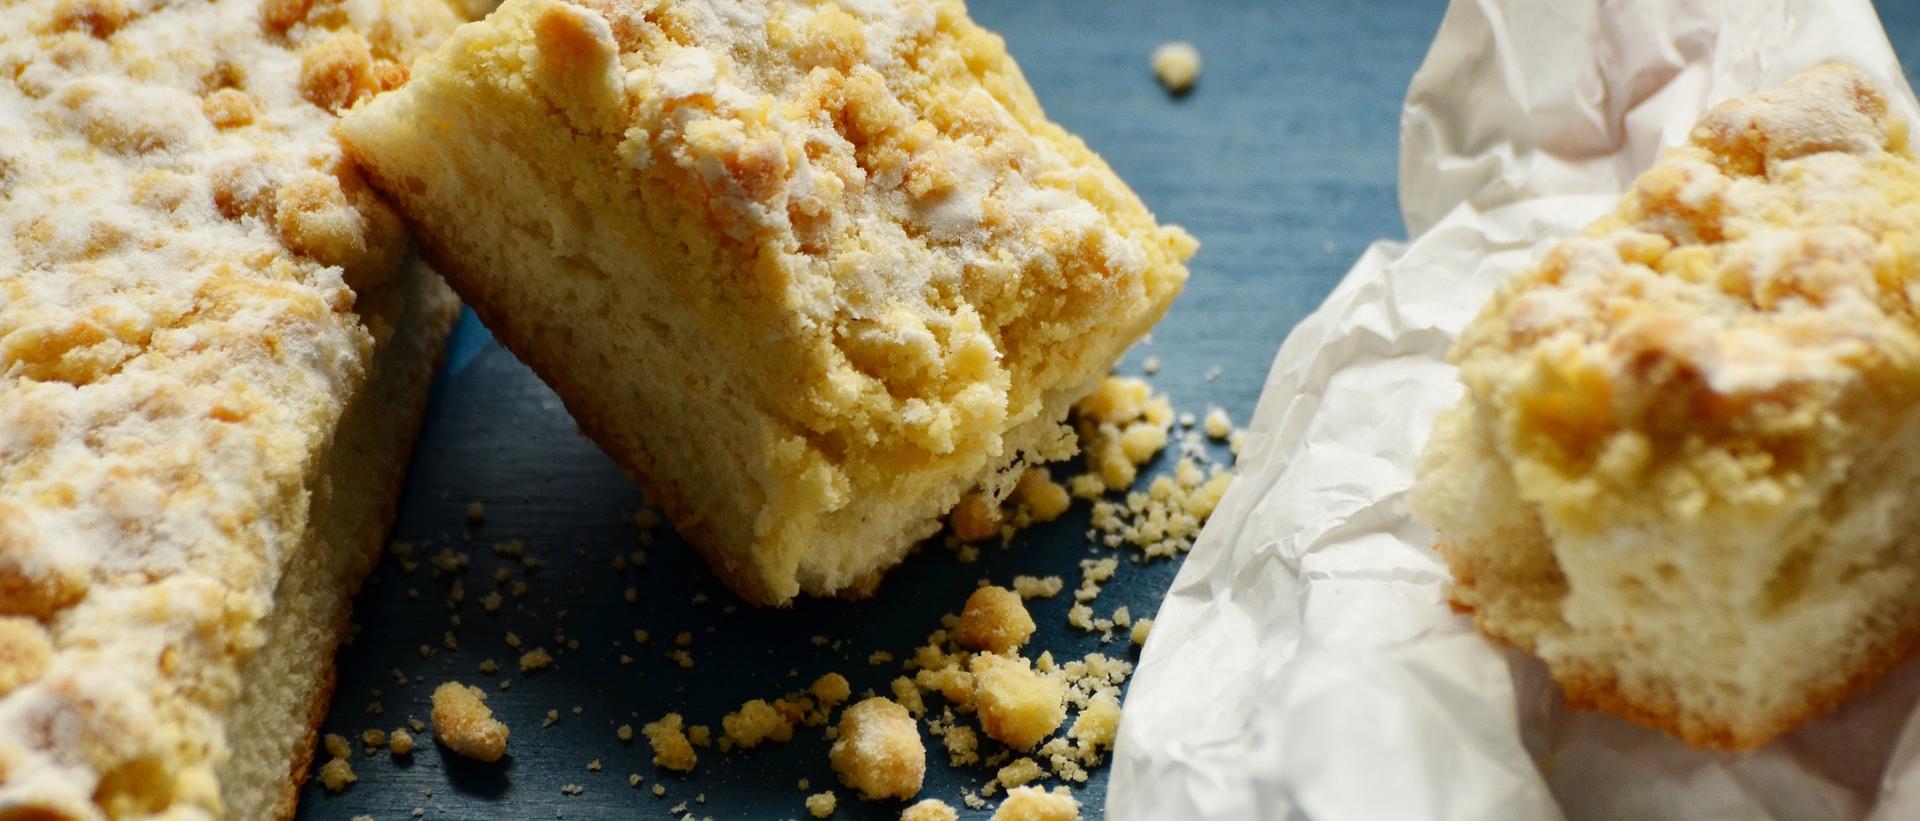 crumble pastel britanico josep maria ribe recetas pasteleria casera